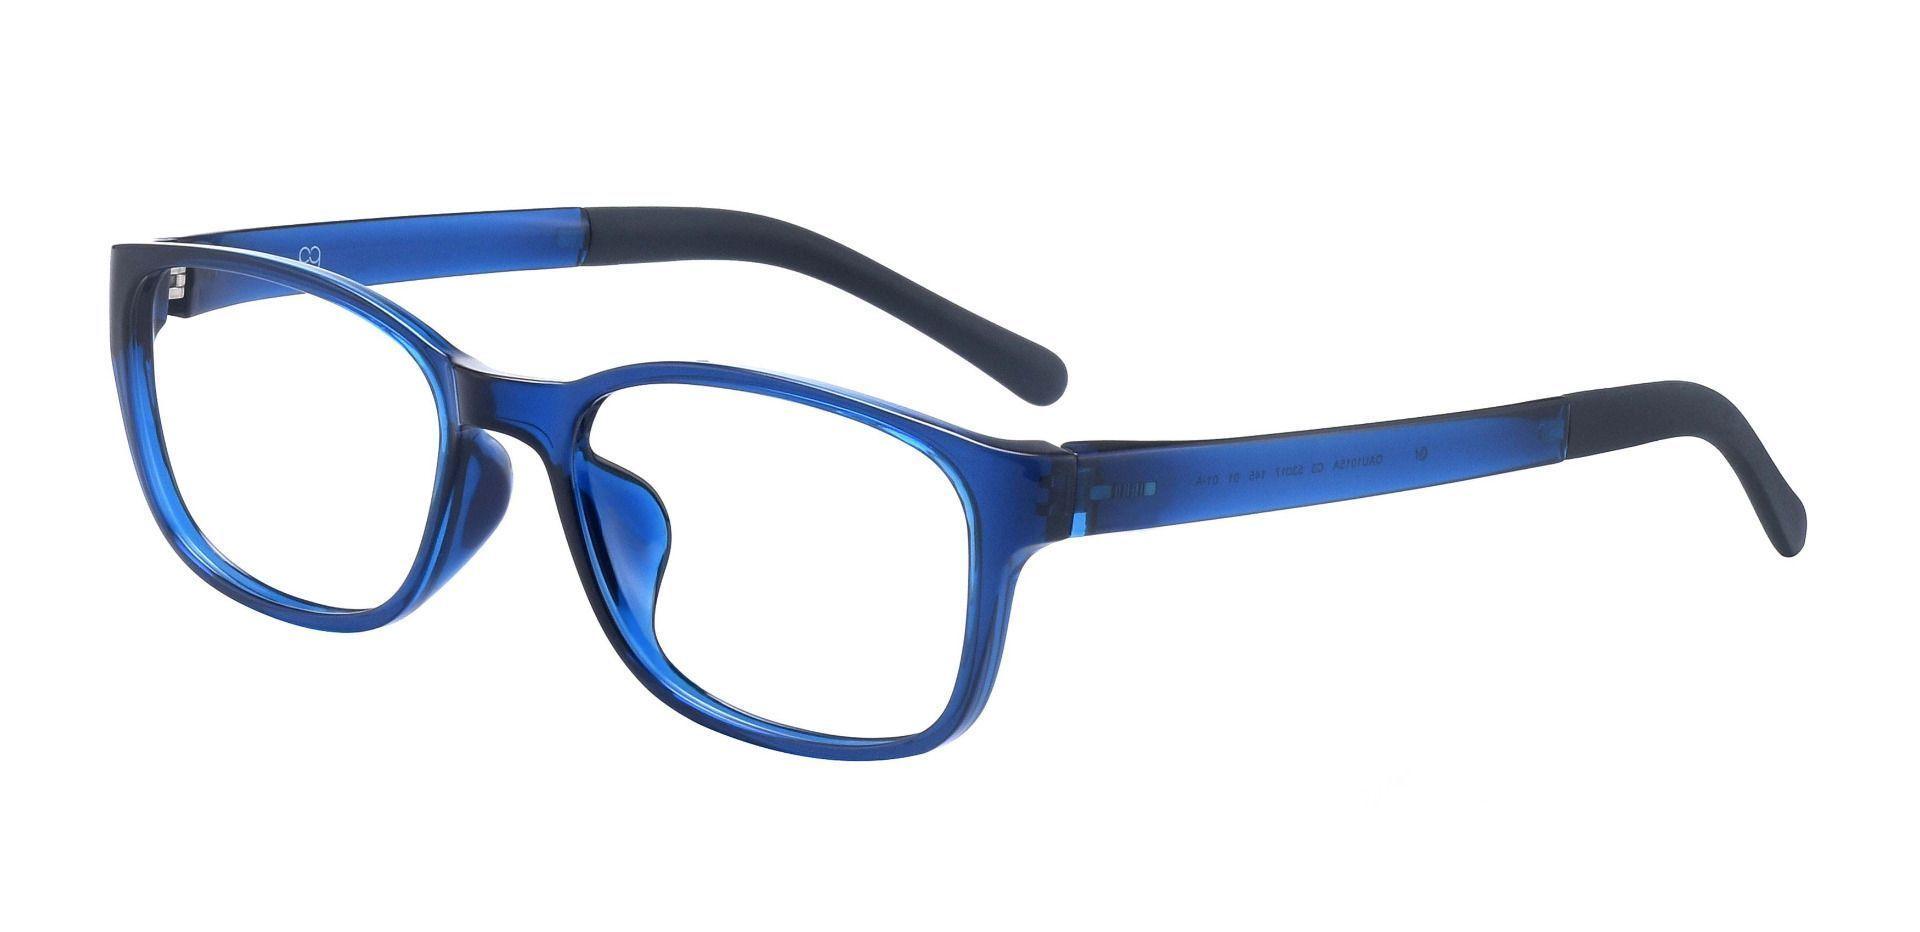 Dorado Oval Prescription Glasses - Blue